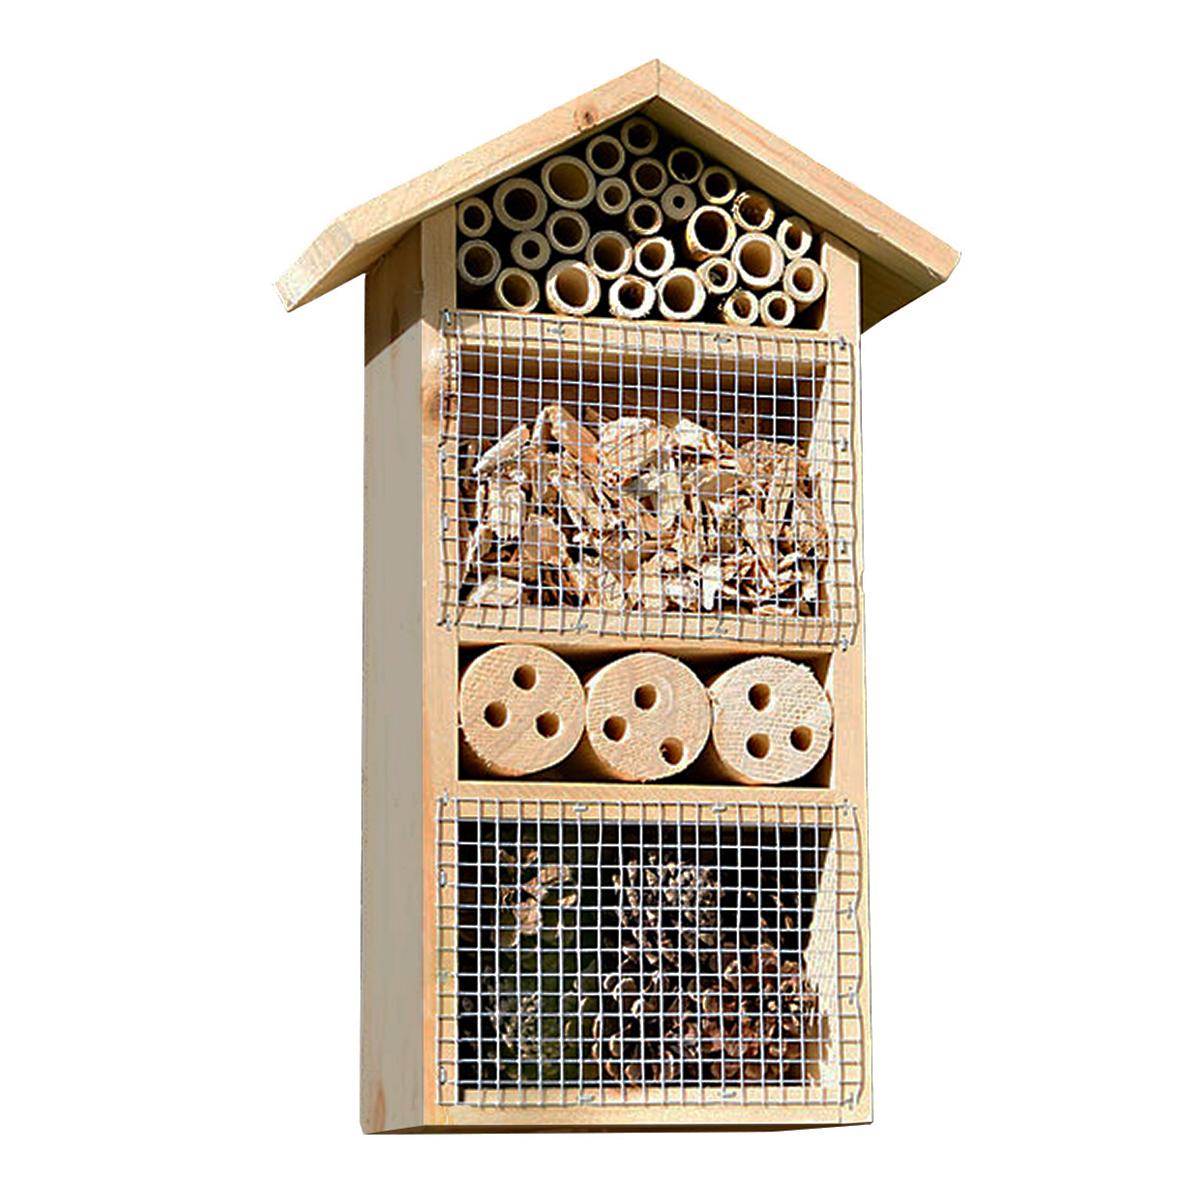 Insektenhaus mit Schutz vor Vögeln